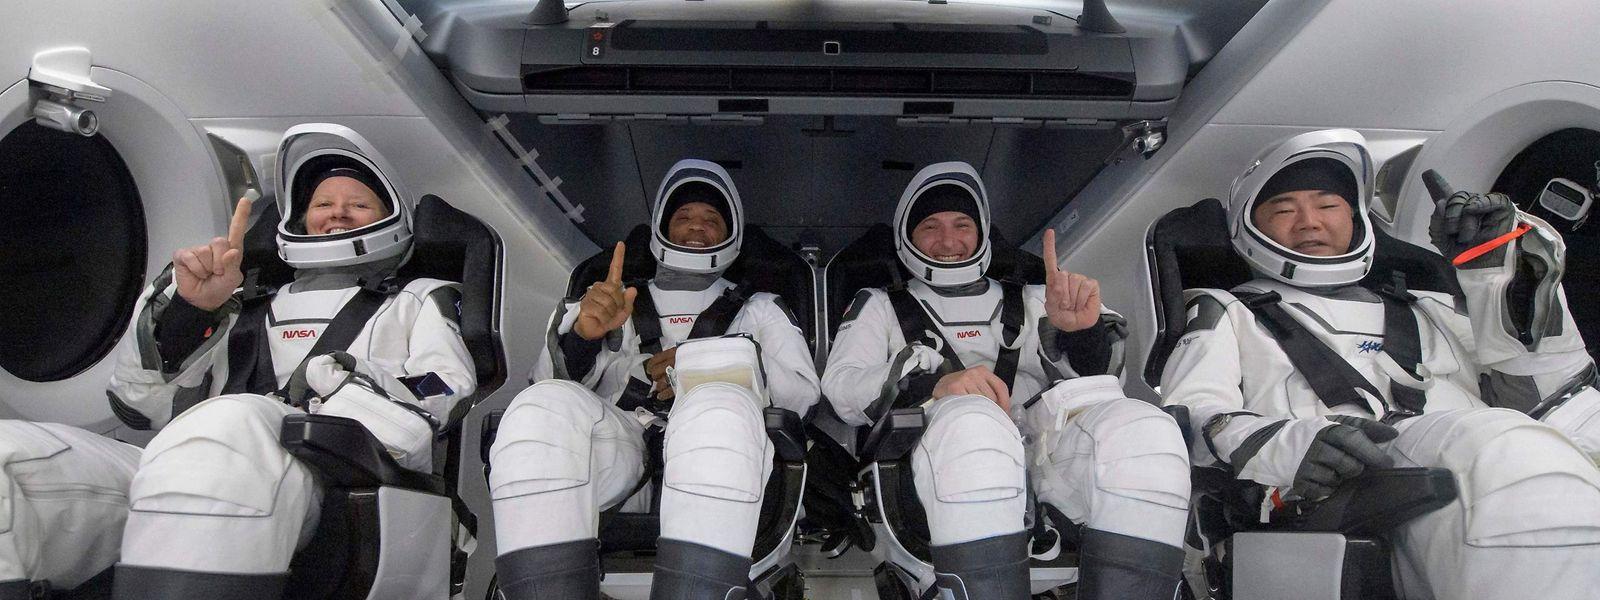 Die vier Astronauten sind wohlauf zurückgekehrt.